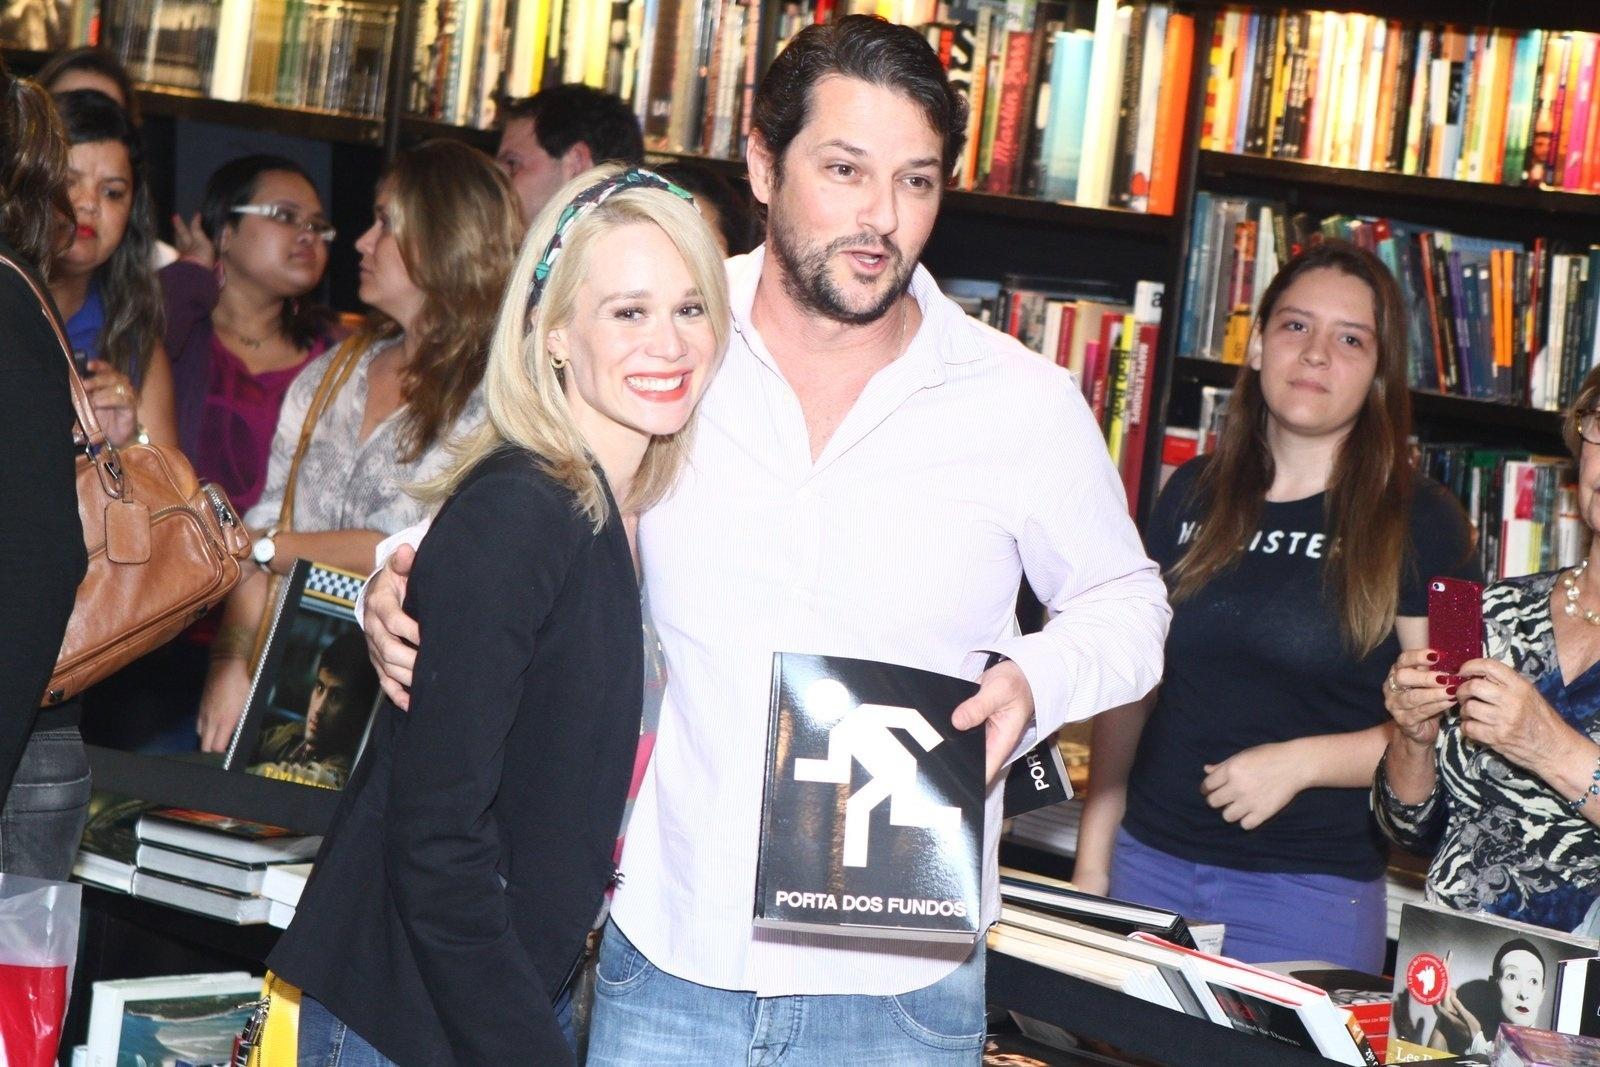 8.ago.2013 - Mariana Ximenes e Marcelo Serrado prestigiam o lançamento do livro do canal Porta dos Fundos nesta quinta em um livraria, no Rio